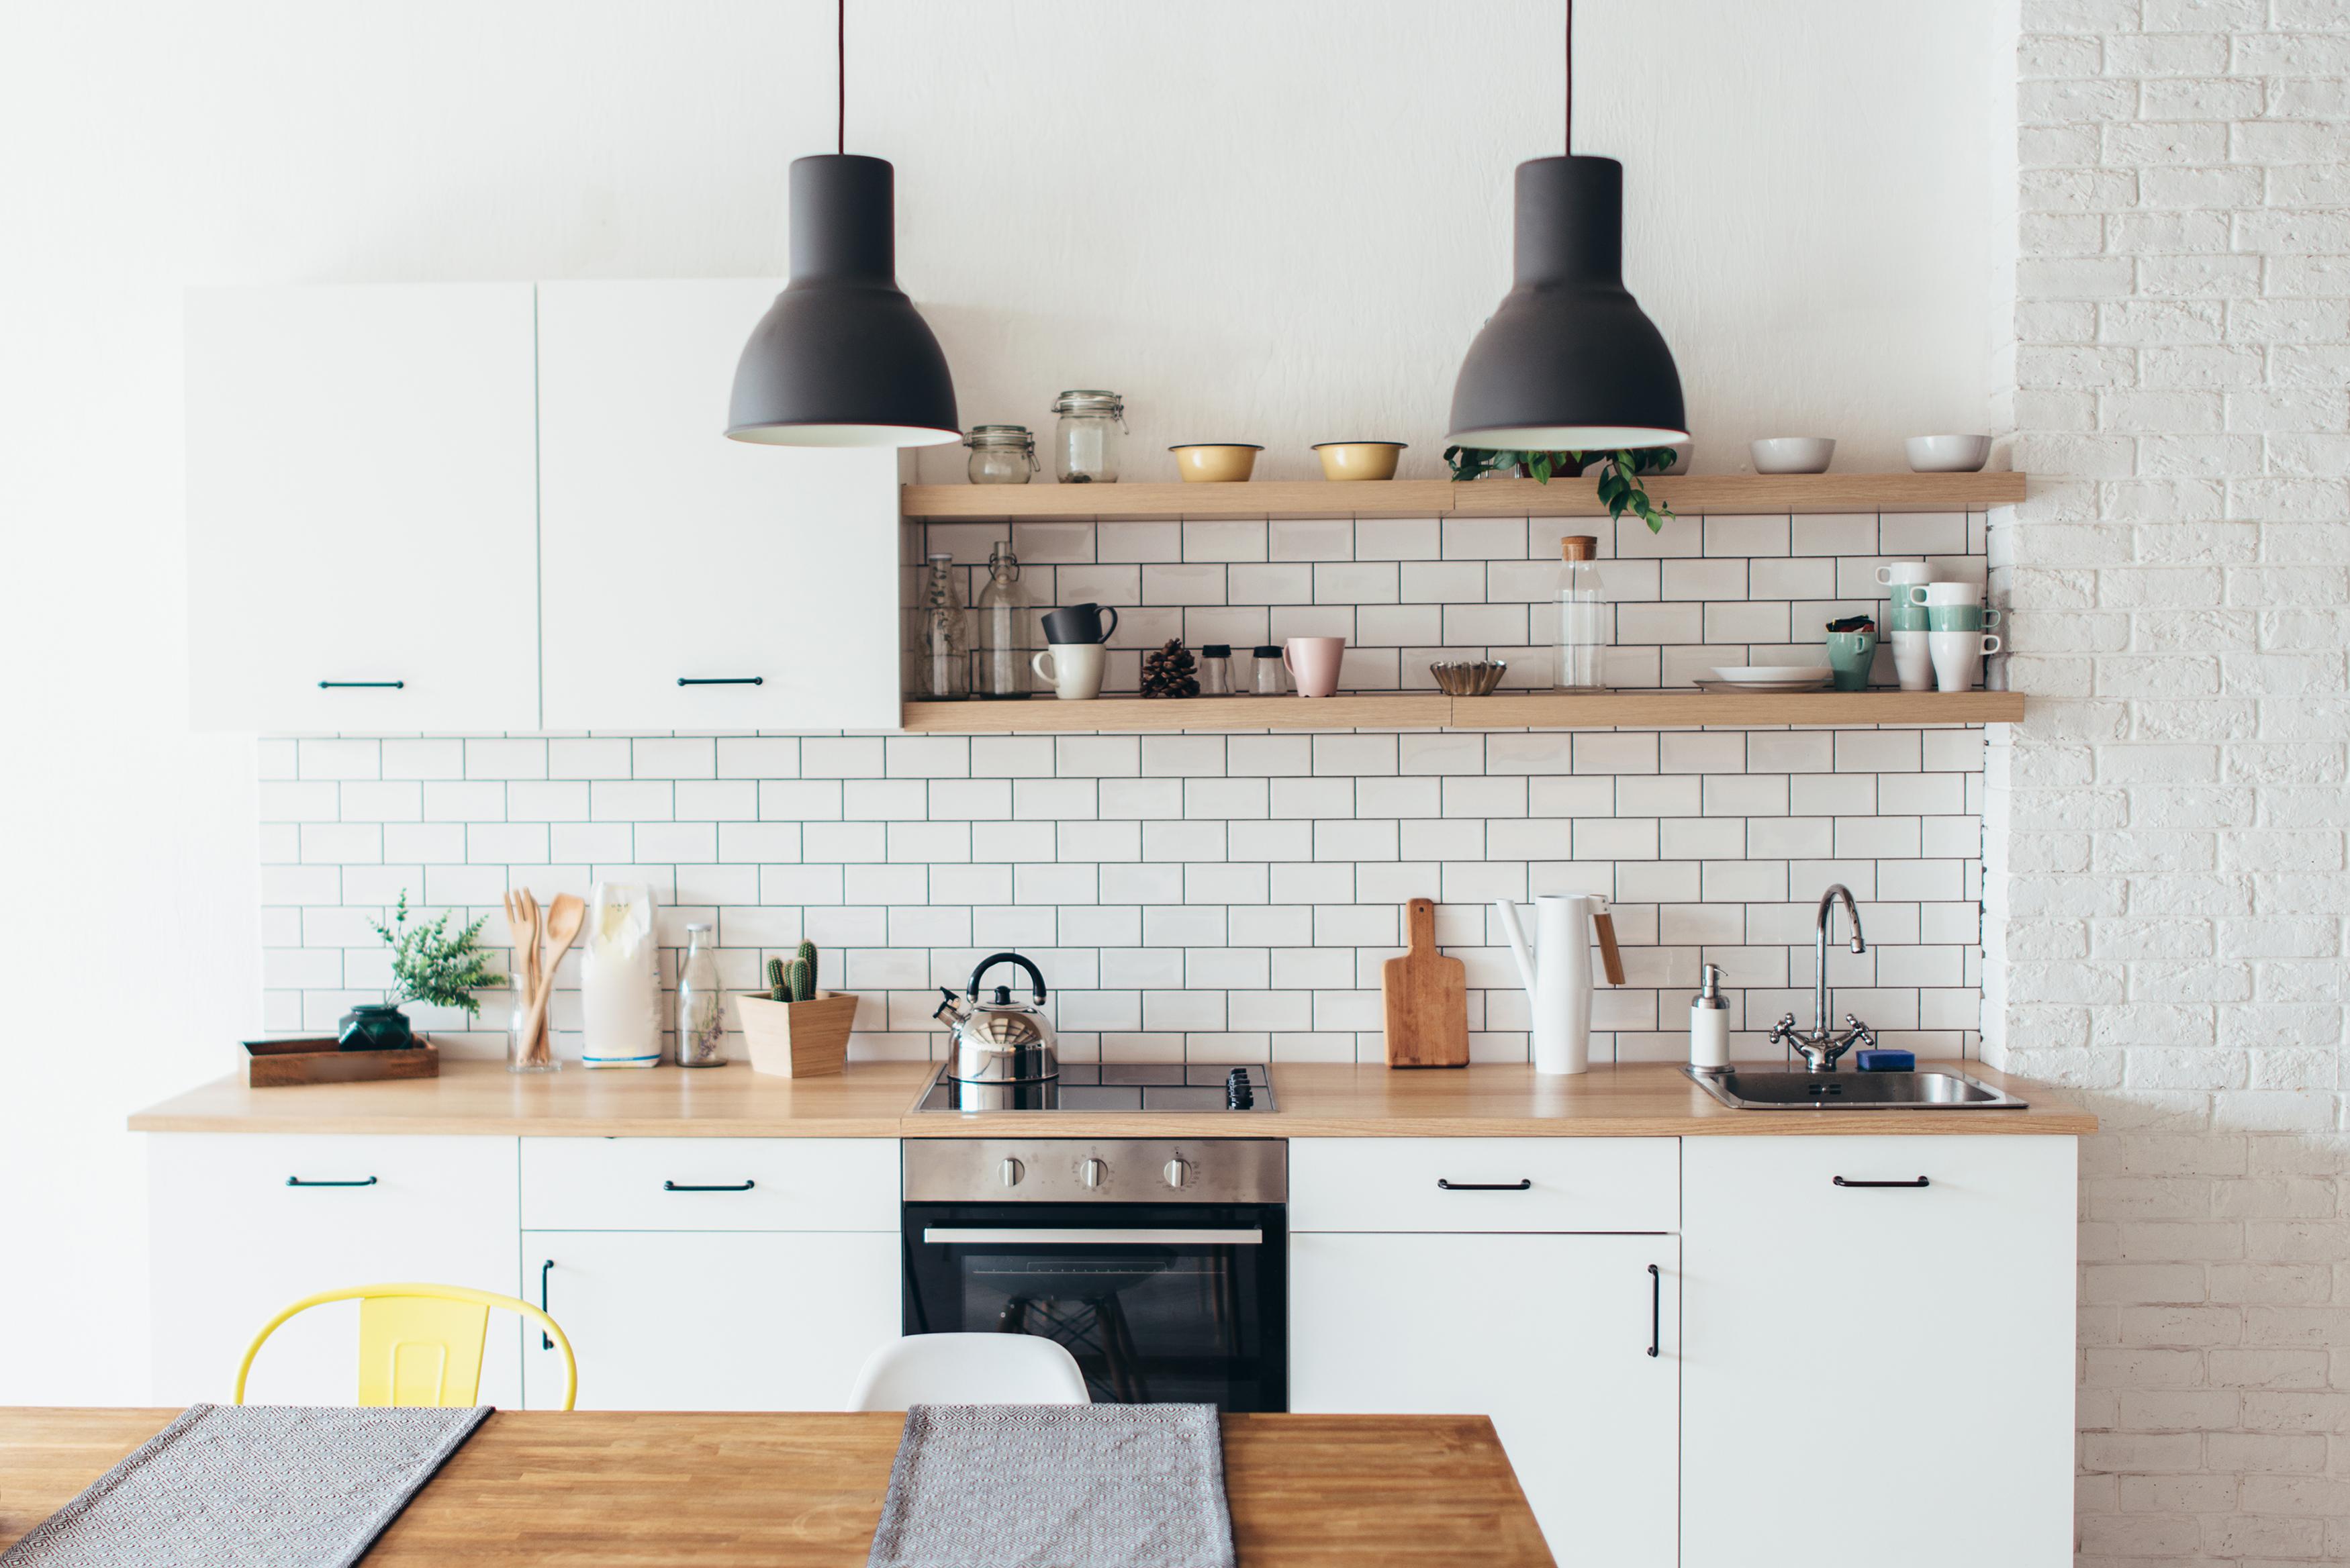 В германските кухни телевизорите се срещат рядко. За сметка на това музиката се радва на особена популярност. Кухнята е уютно пространство, в което германците често сядат и разговарят. Но за истинска почивка предпочитат хола. В бъдеще границата между кухня и хол ще се заличава все повече. Кухненското пространство ще заема все по-централно място във всекидневната, смятат експерти от мебелния сектор.